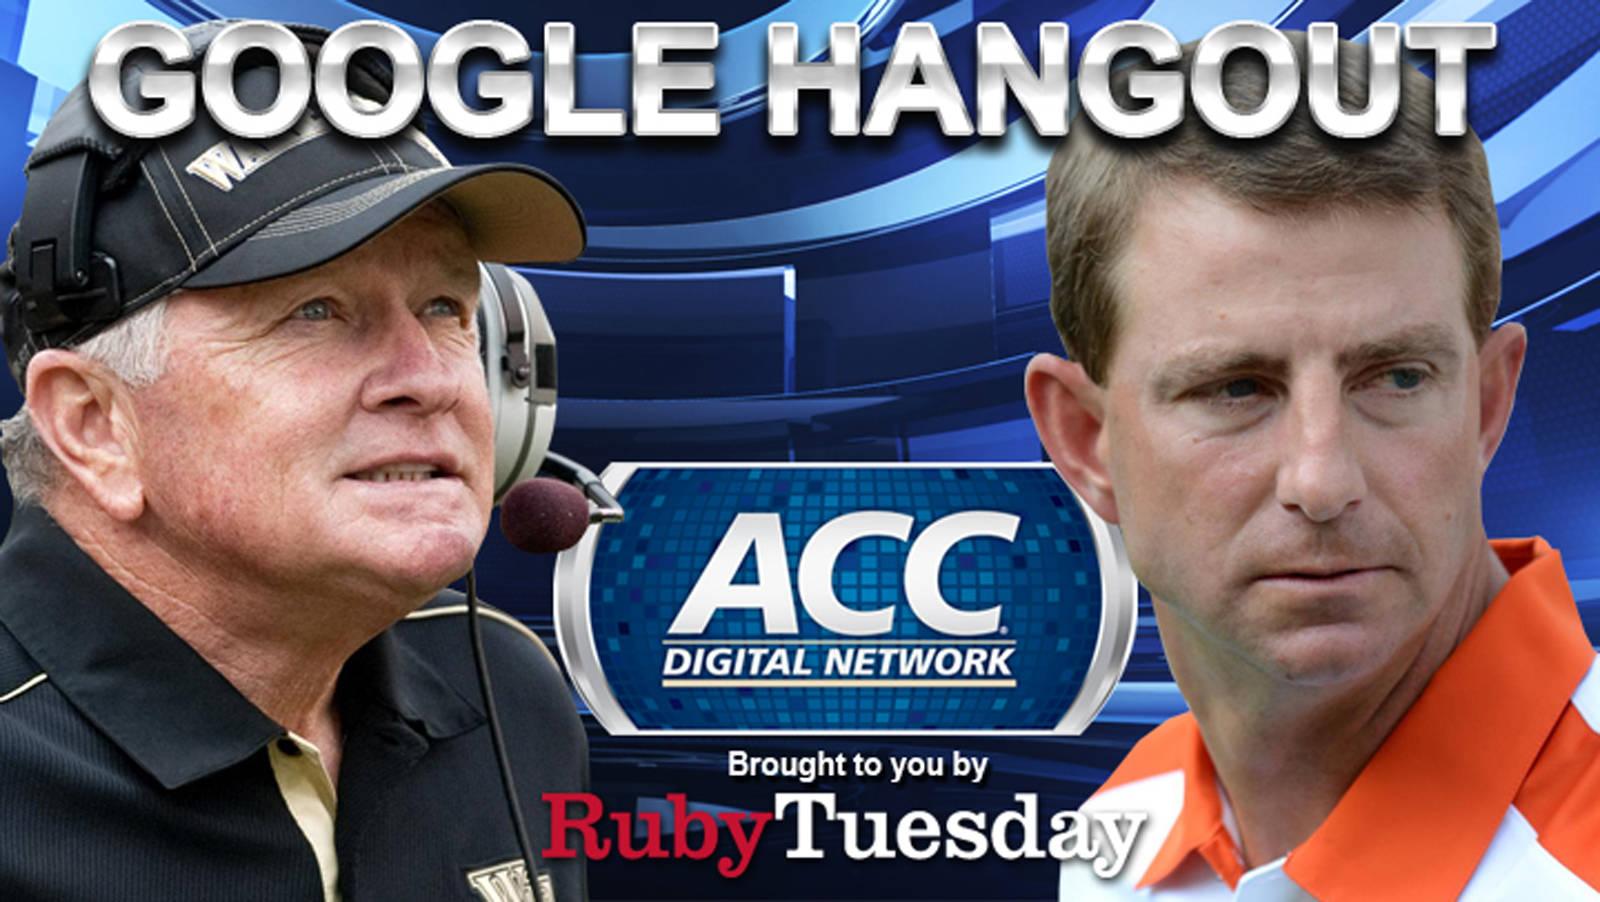 ACC Digital Network to Host Google Hangout with Dabo Swinney